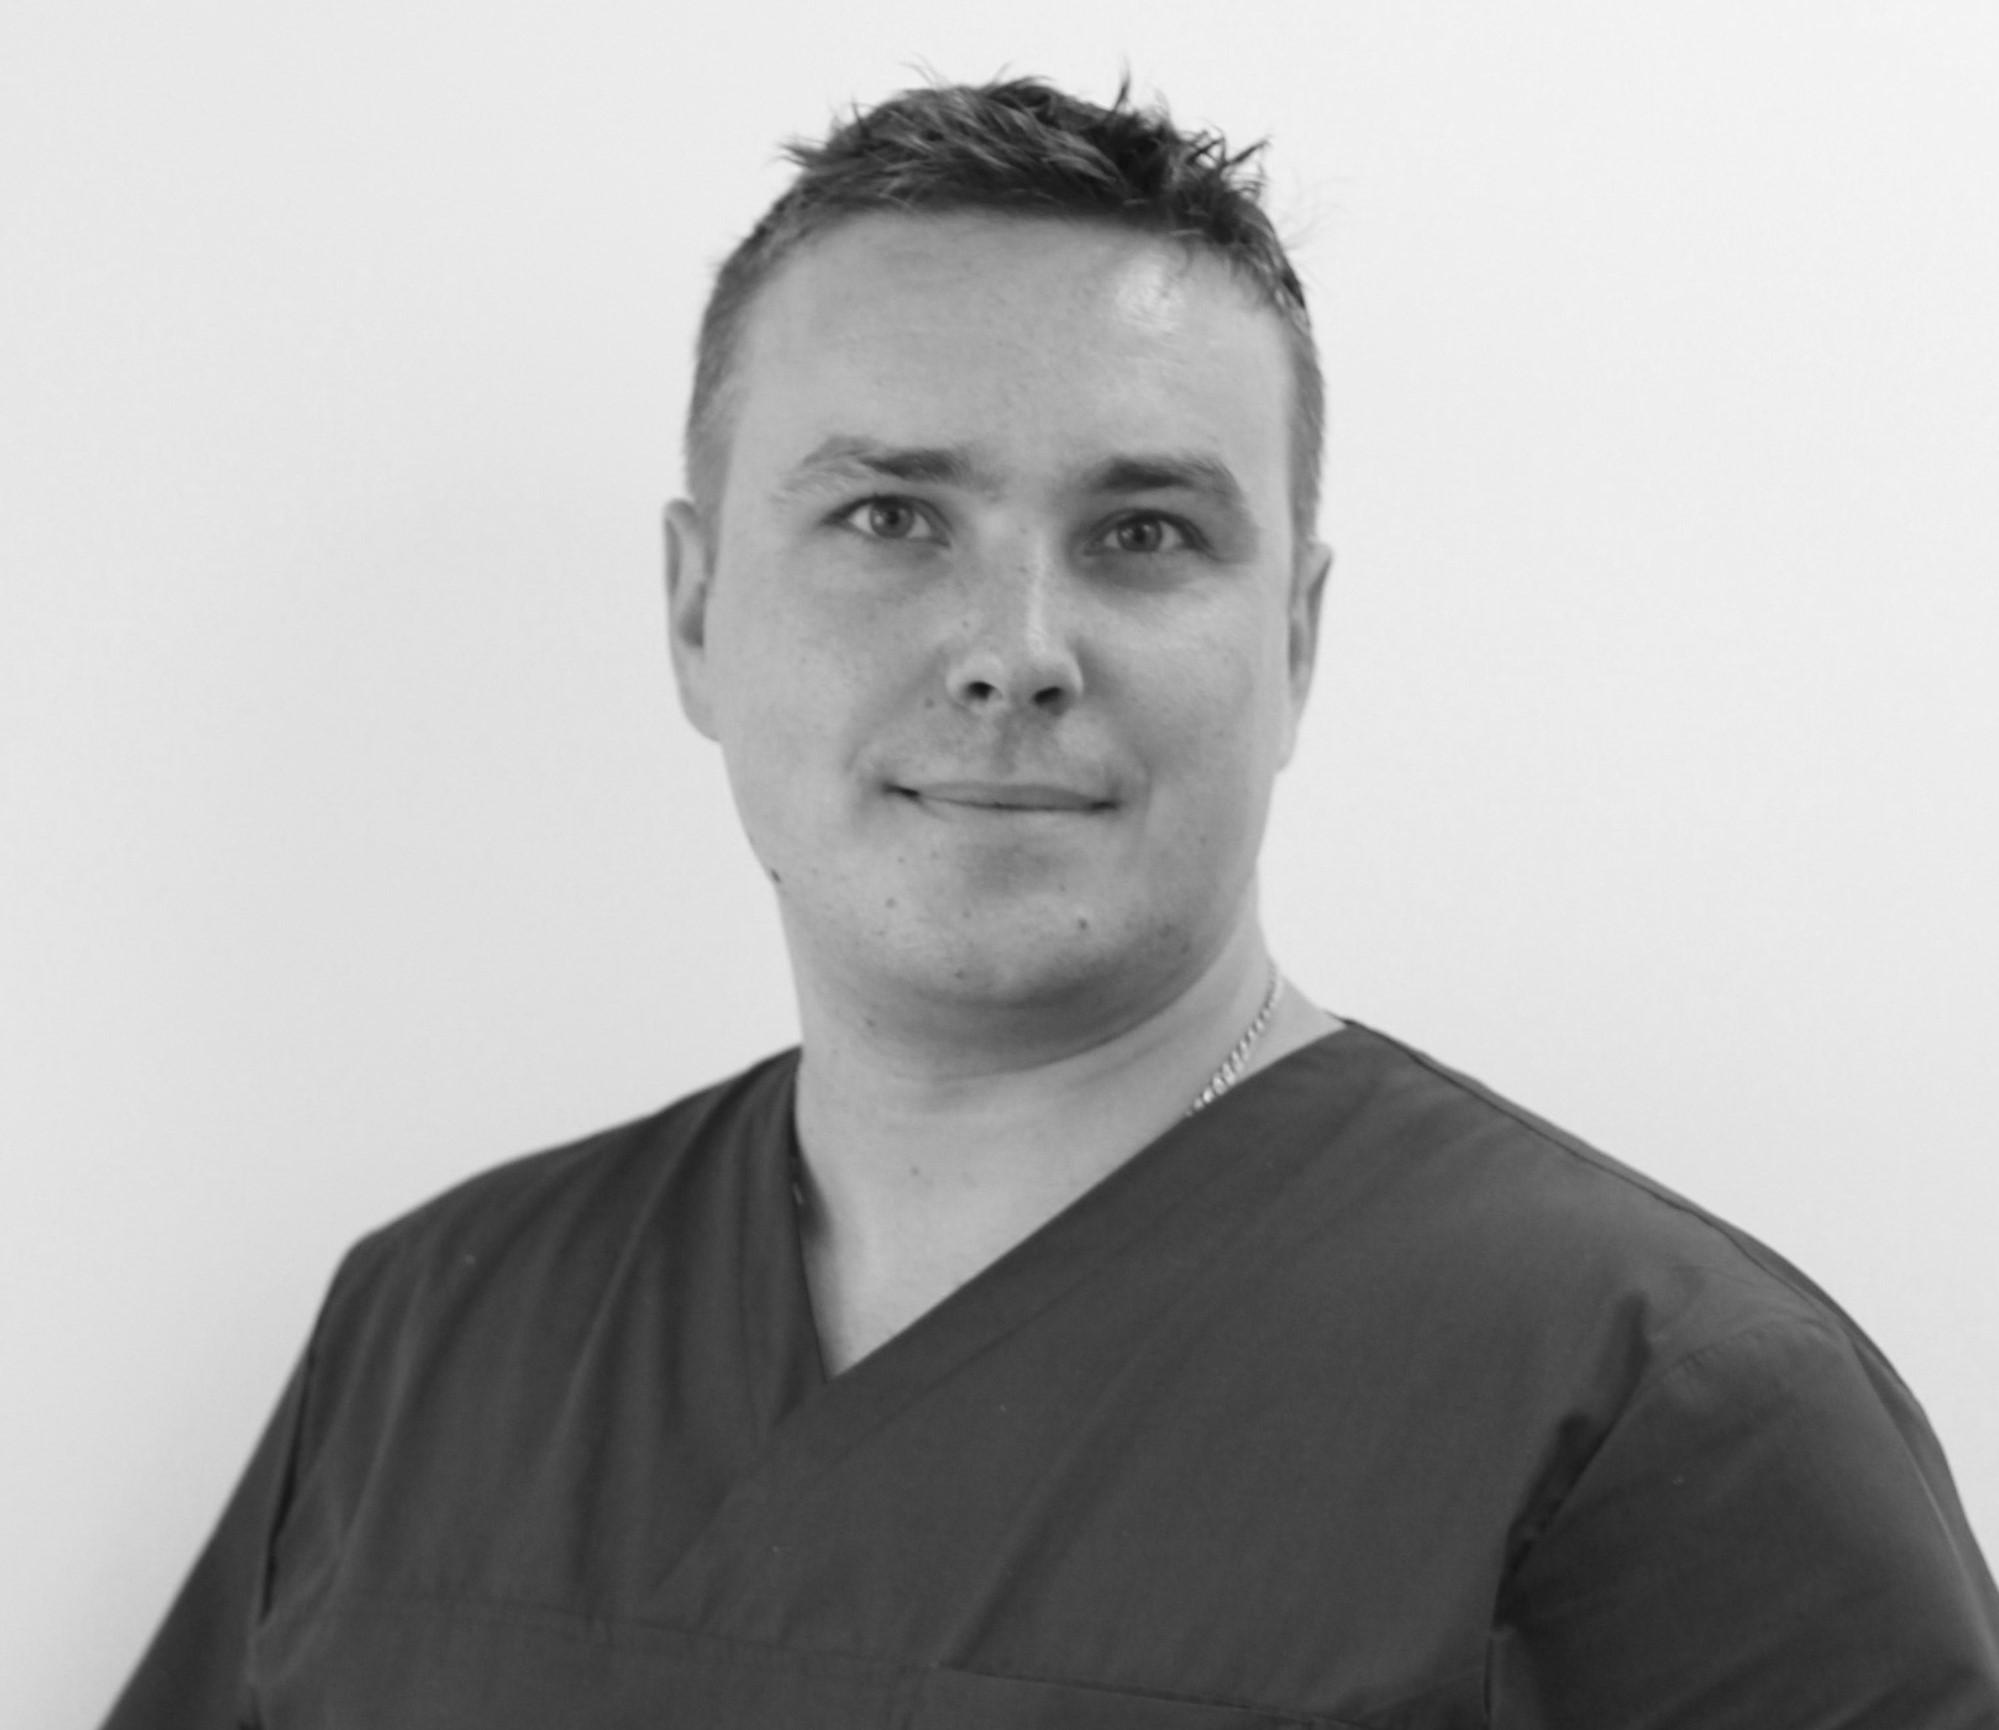 Стоматологическая клиника «BG DENT», Хирург- имплантолог, стоматолог-ортопед, стоматолог-терапевт - Копычко Денис Николаевич